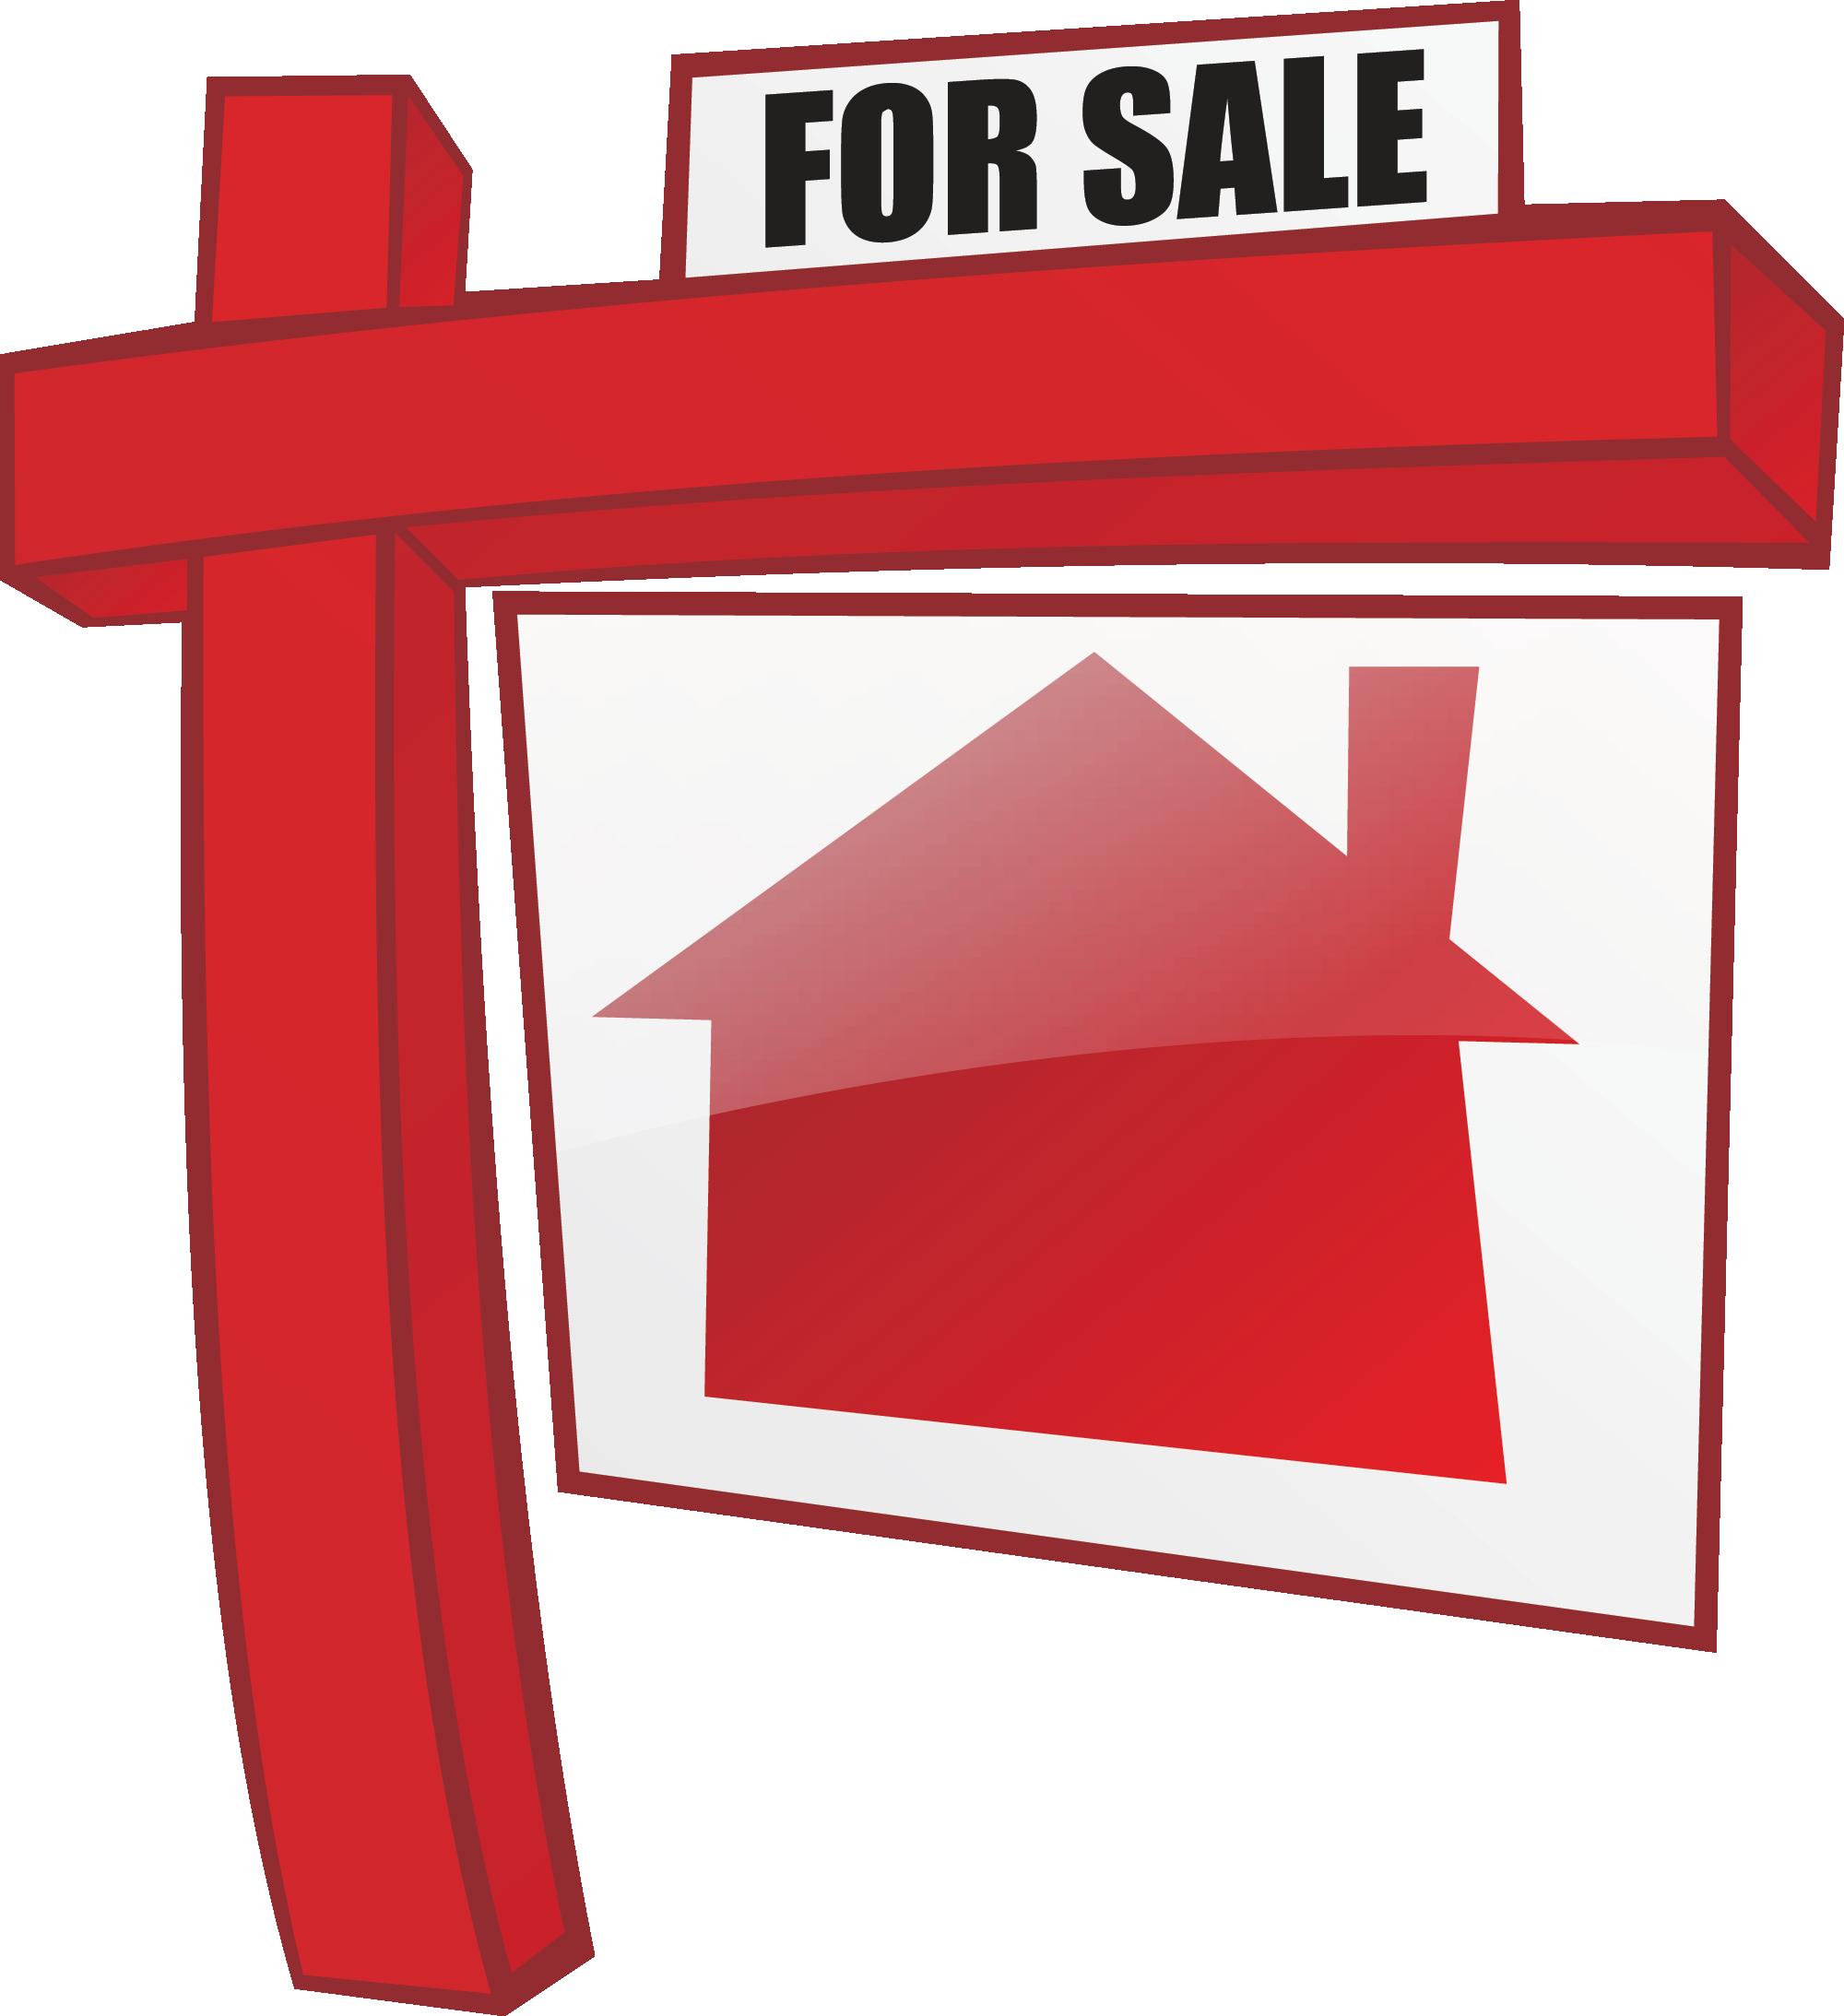 شقة للبيع أو للايجار على مربع جنينة بمصر الجديدة